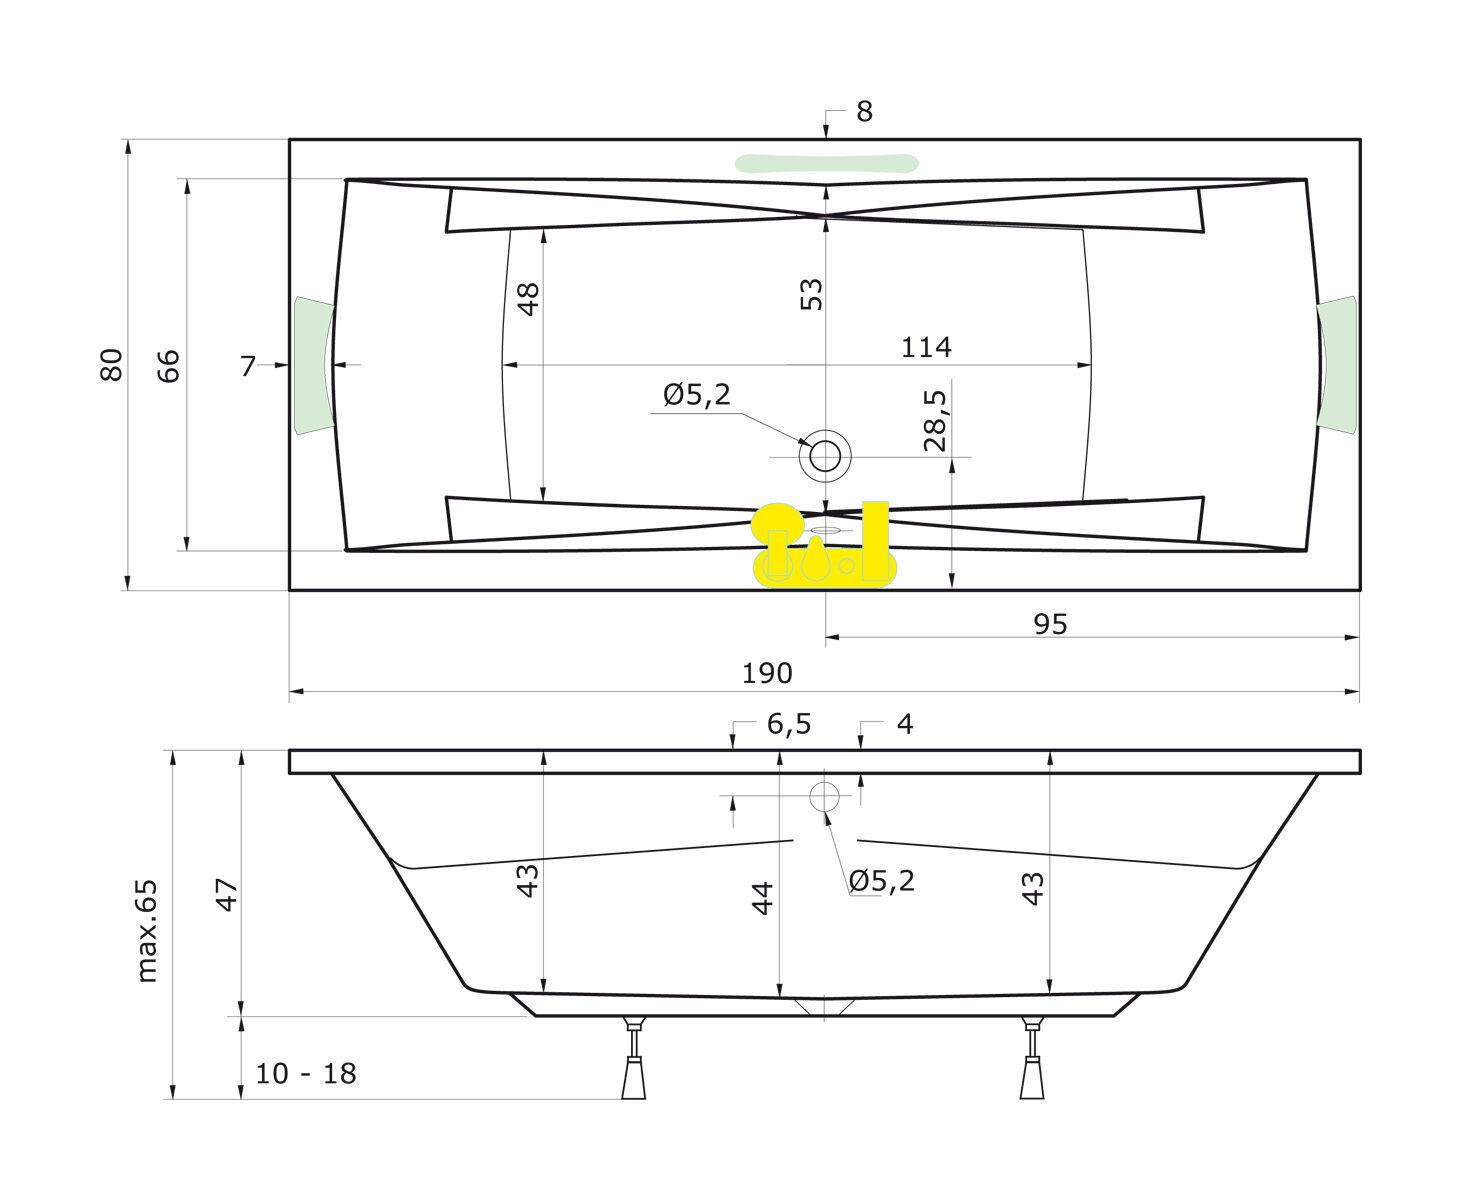 Badewanne 190x80 cm + Füße + Ablauf Ablauf Ablauf + Befestigung Wanne 190 Komplettangebot a45b5b